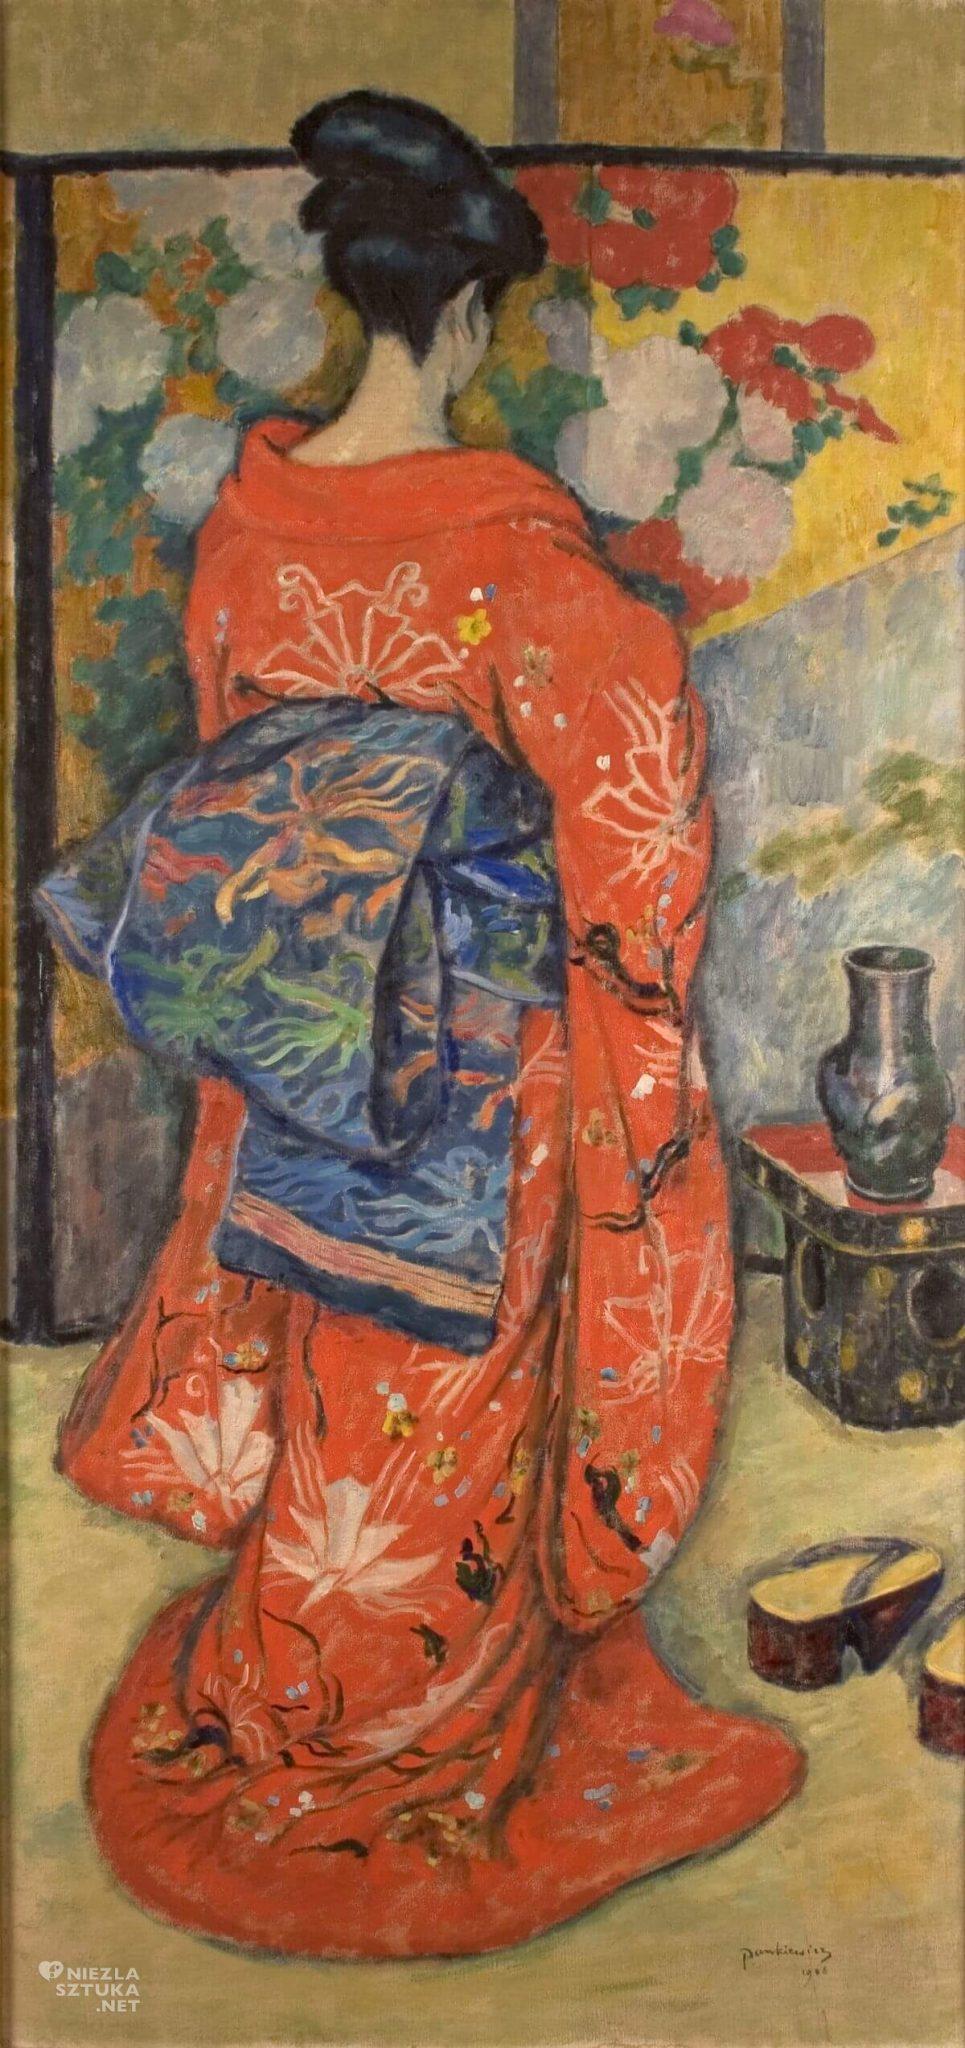 Józef Pankiewicz, Japonka, kobieta, sztuka polska, malarstwo polskie, Niezła sztuka